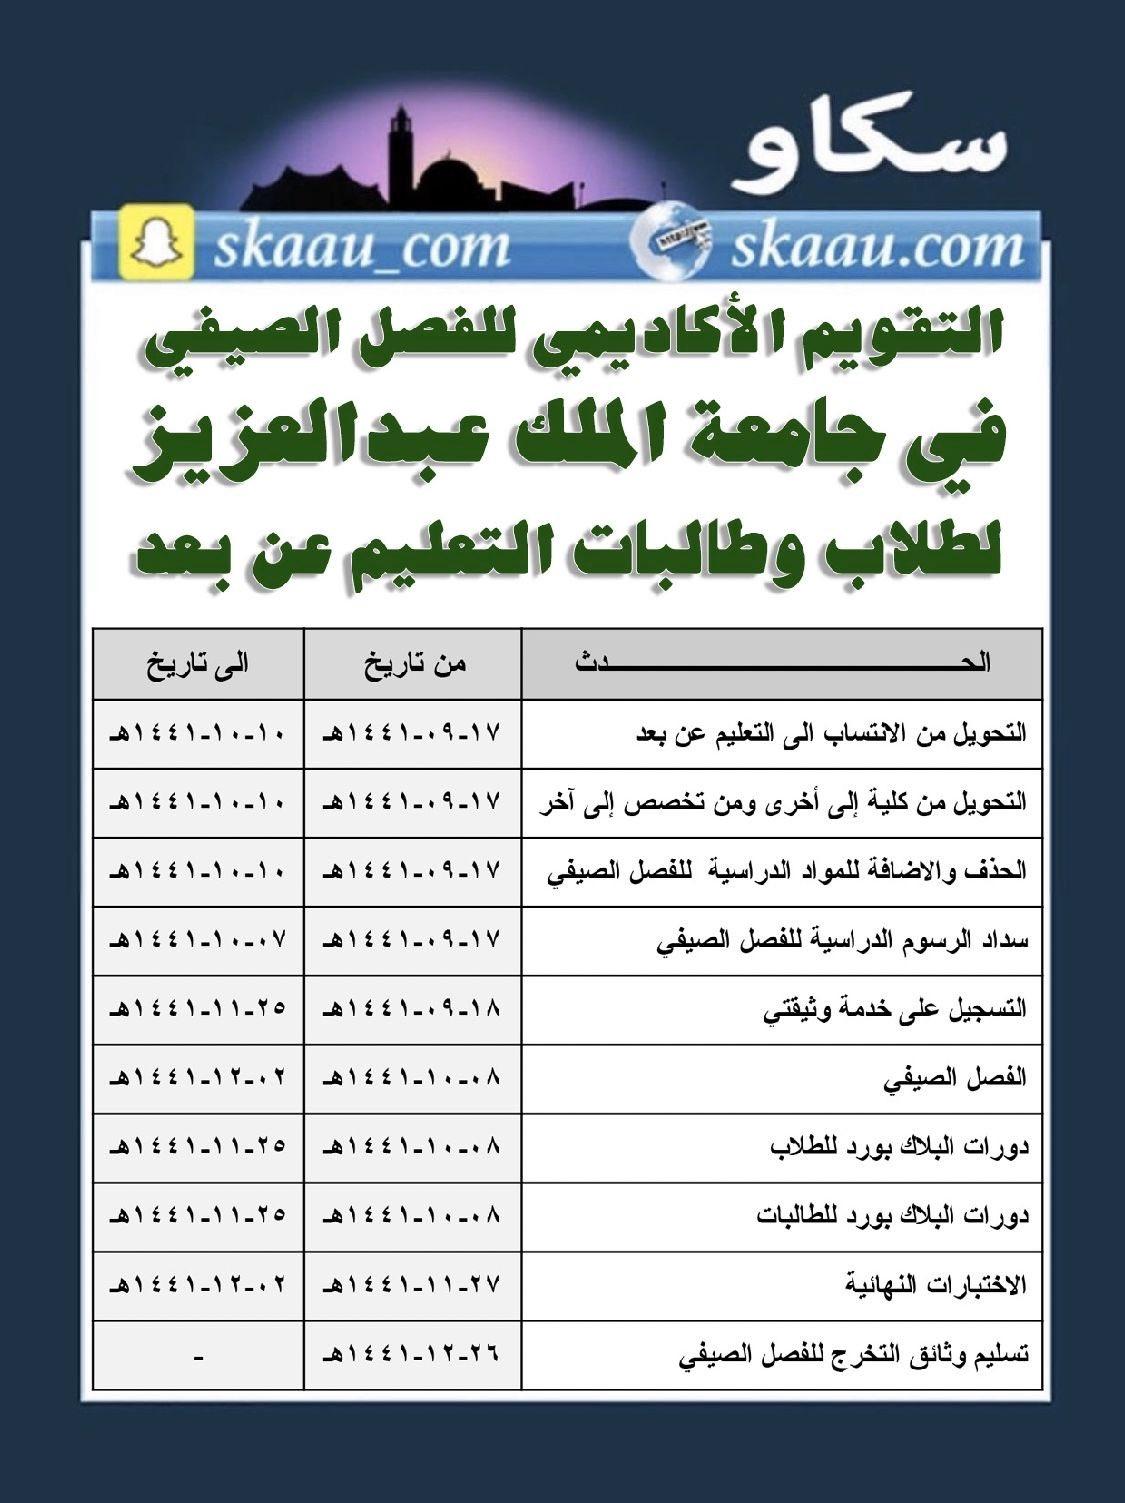 سكاو على تويتر التقويم الأكاديمي للفصل الصيفي في جامعة الملك عبدالعزيز لطلبة الانتساب و التعليم عن بعد سكاو